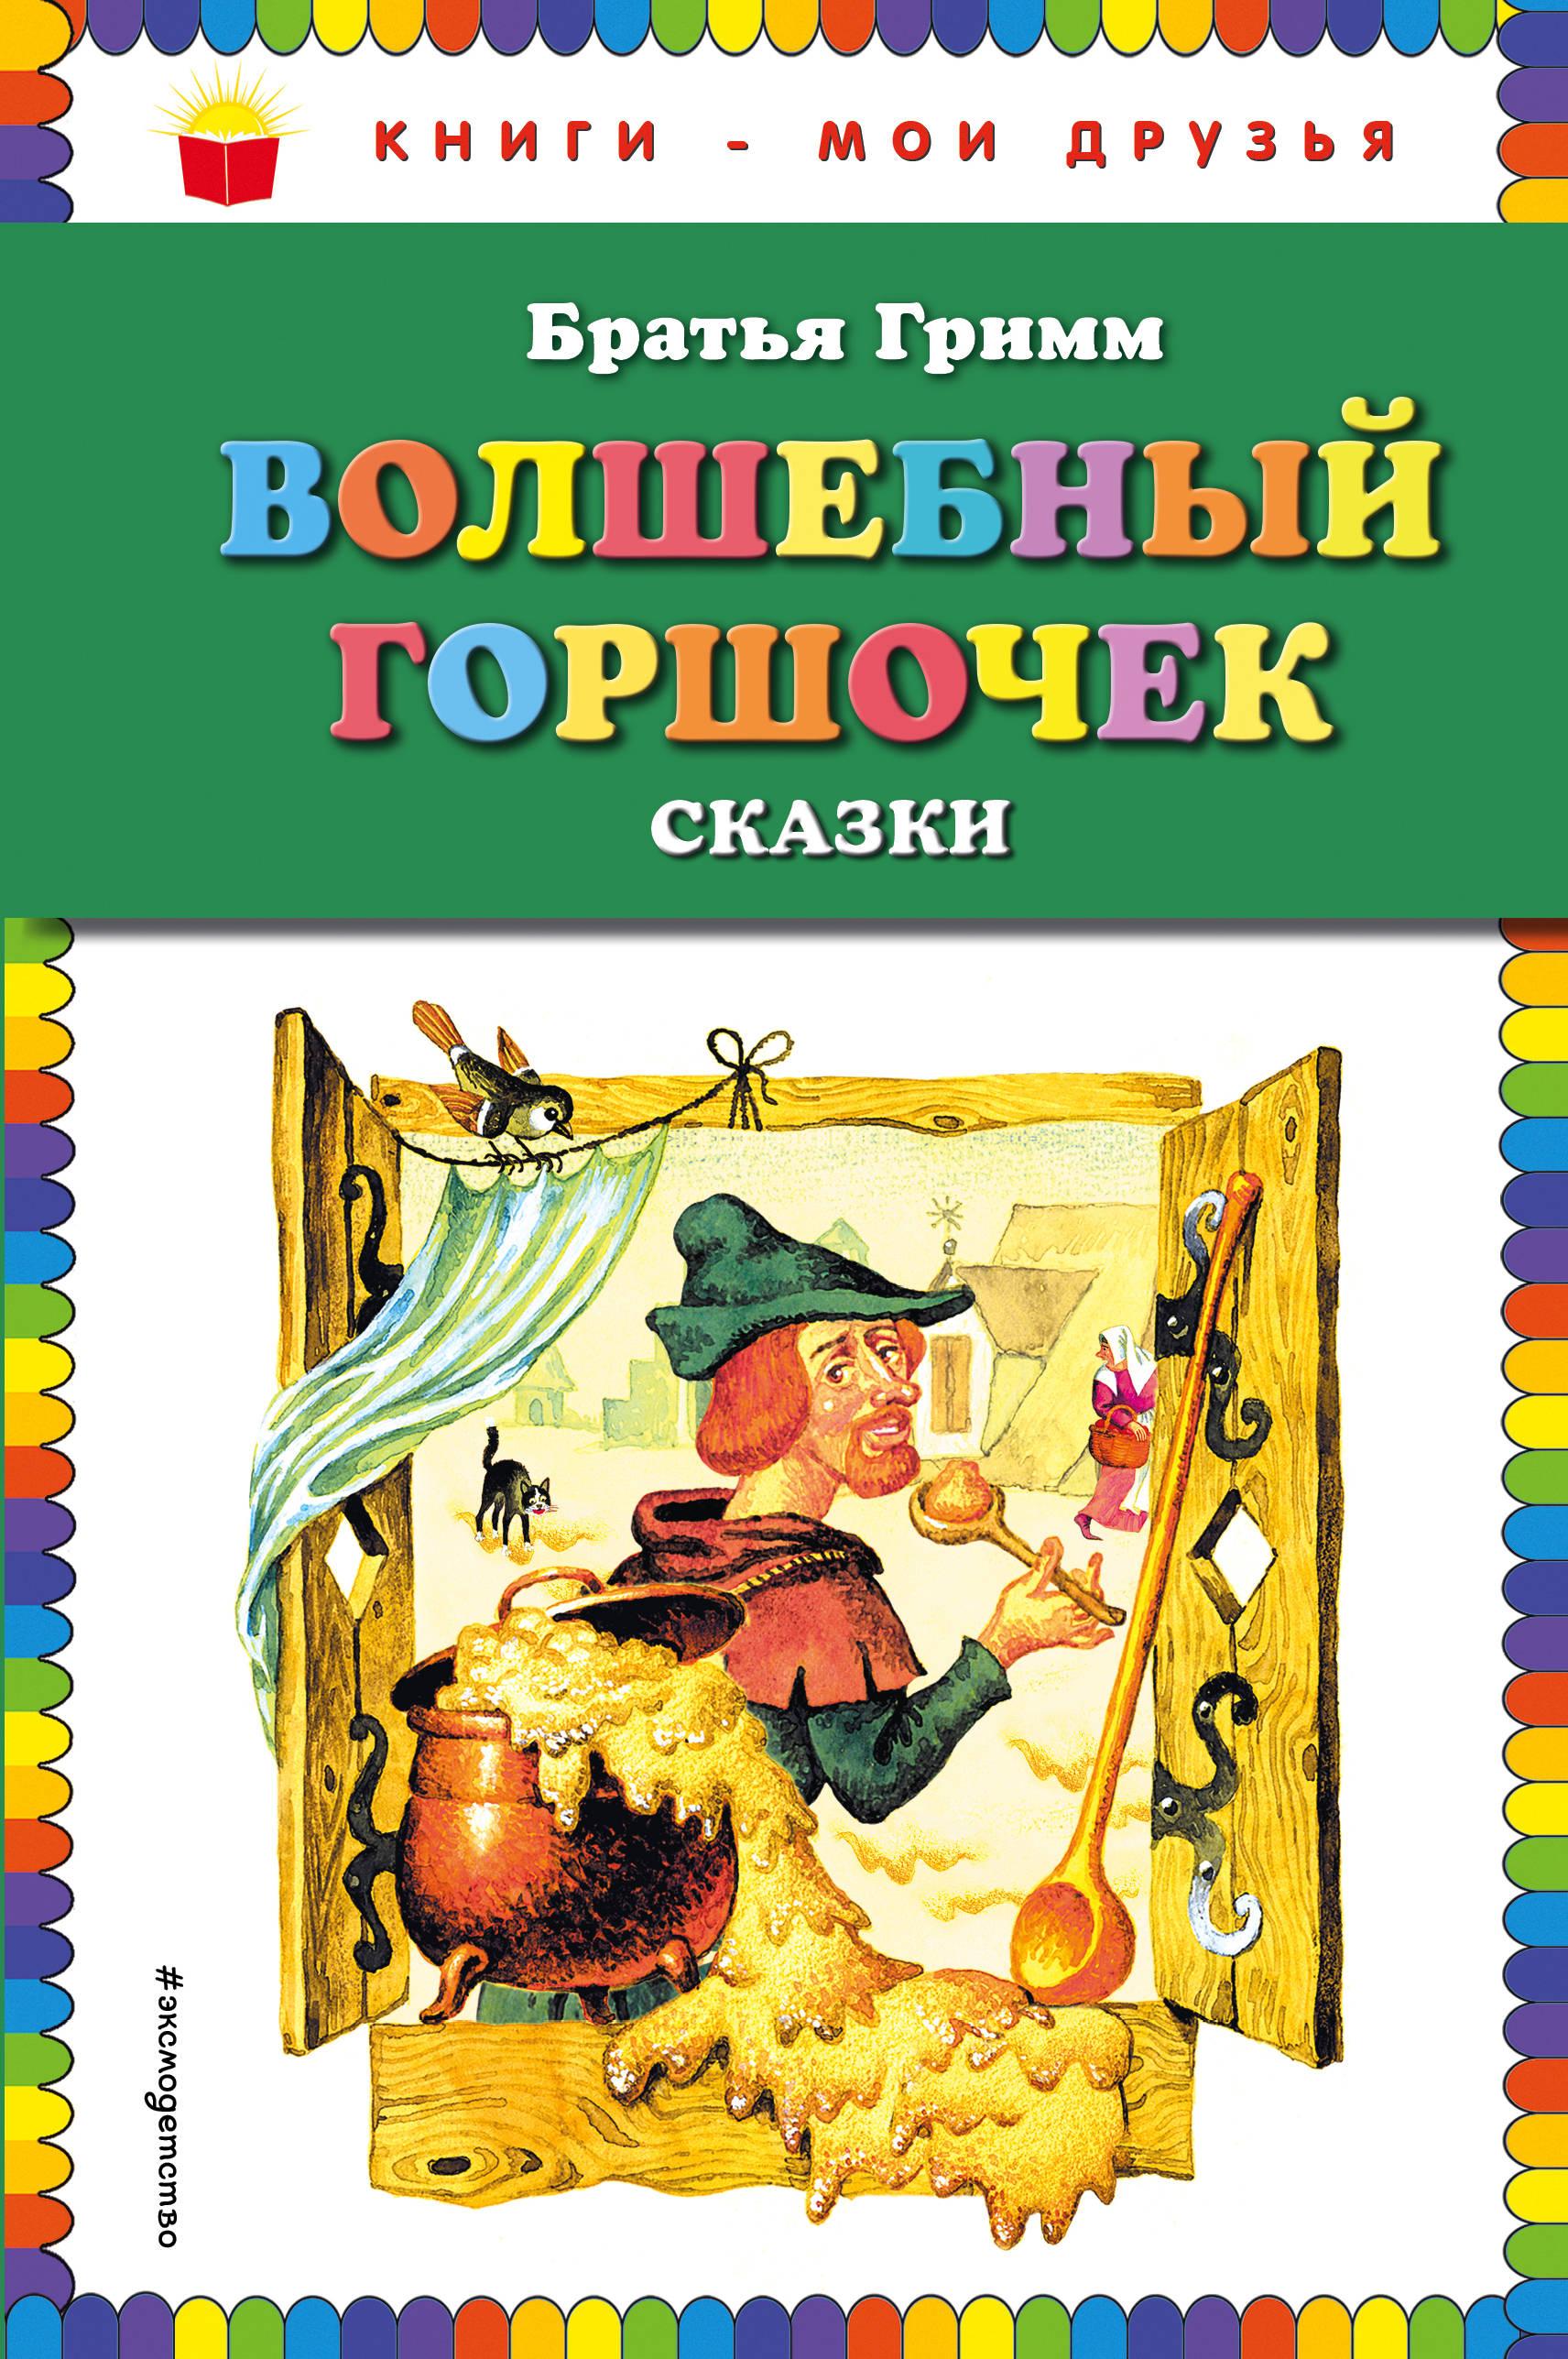 Волшебный горшочек: сказки (ил. И. Егунова)